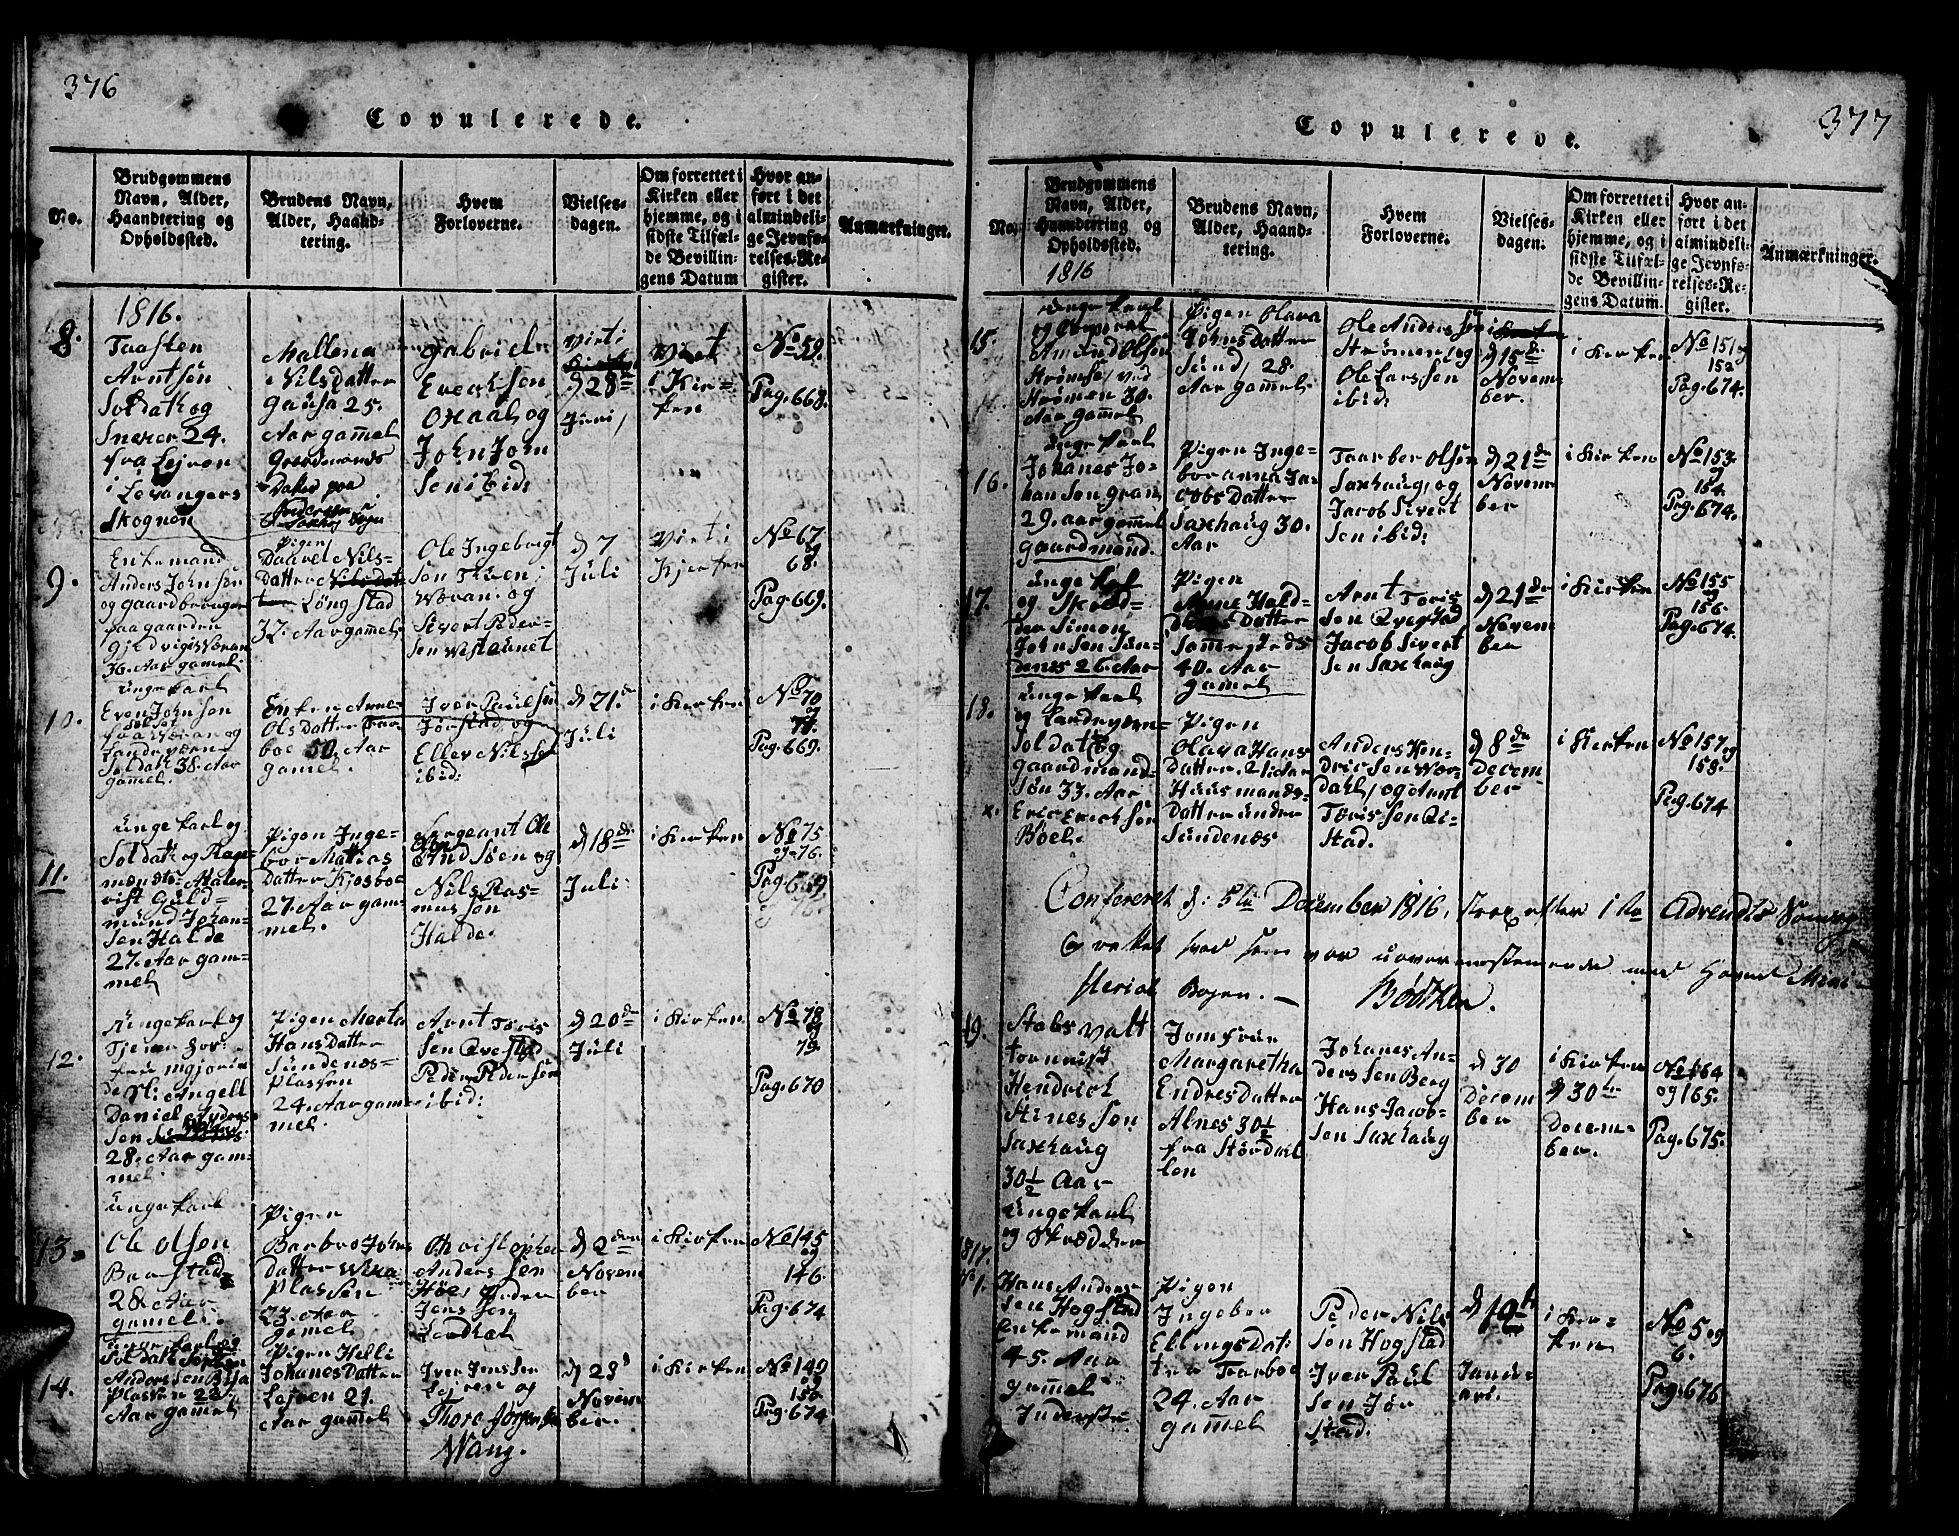 SAT, Ministerialprotokoller, klokkerbøker og fødselsregistre - Nord-Trøndelag, 730/L0298: Klokkerbok nr. 730C01, 1816-1849, s. 376-377